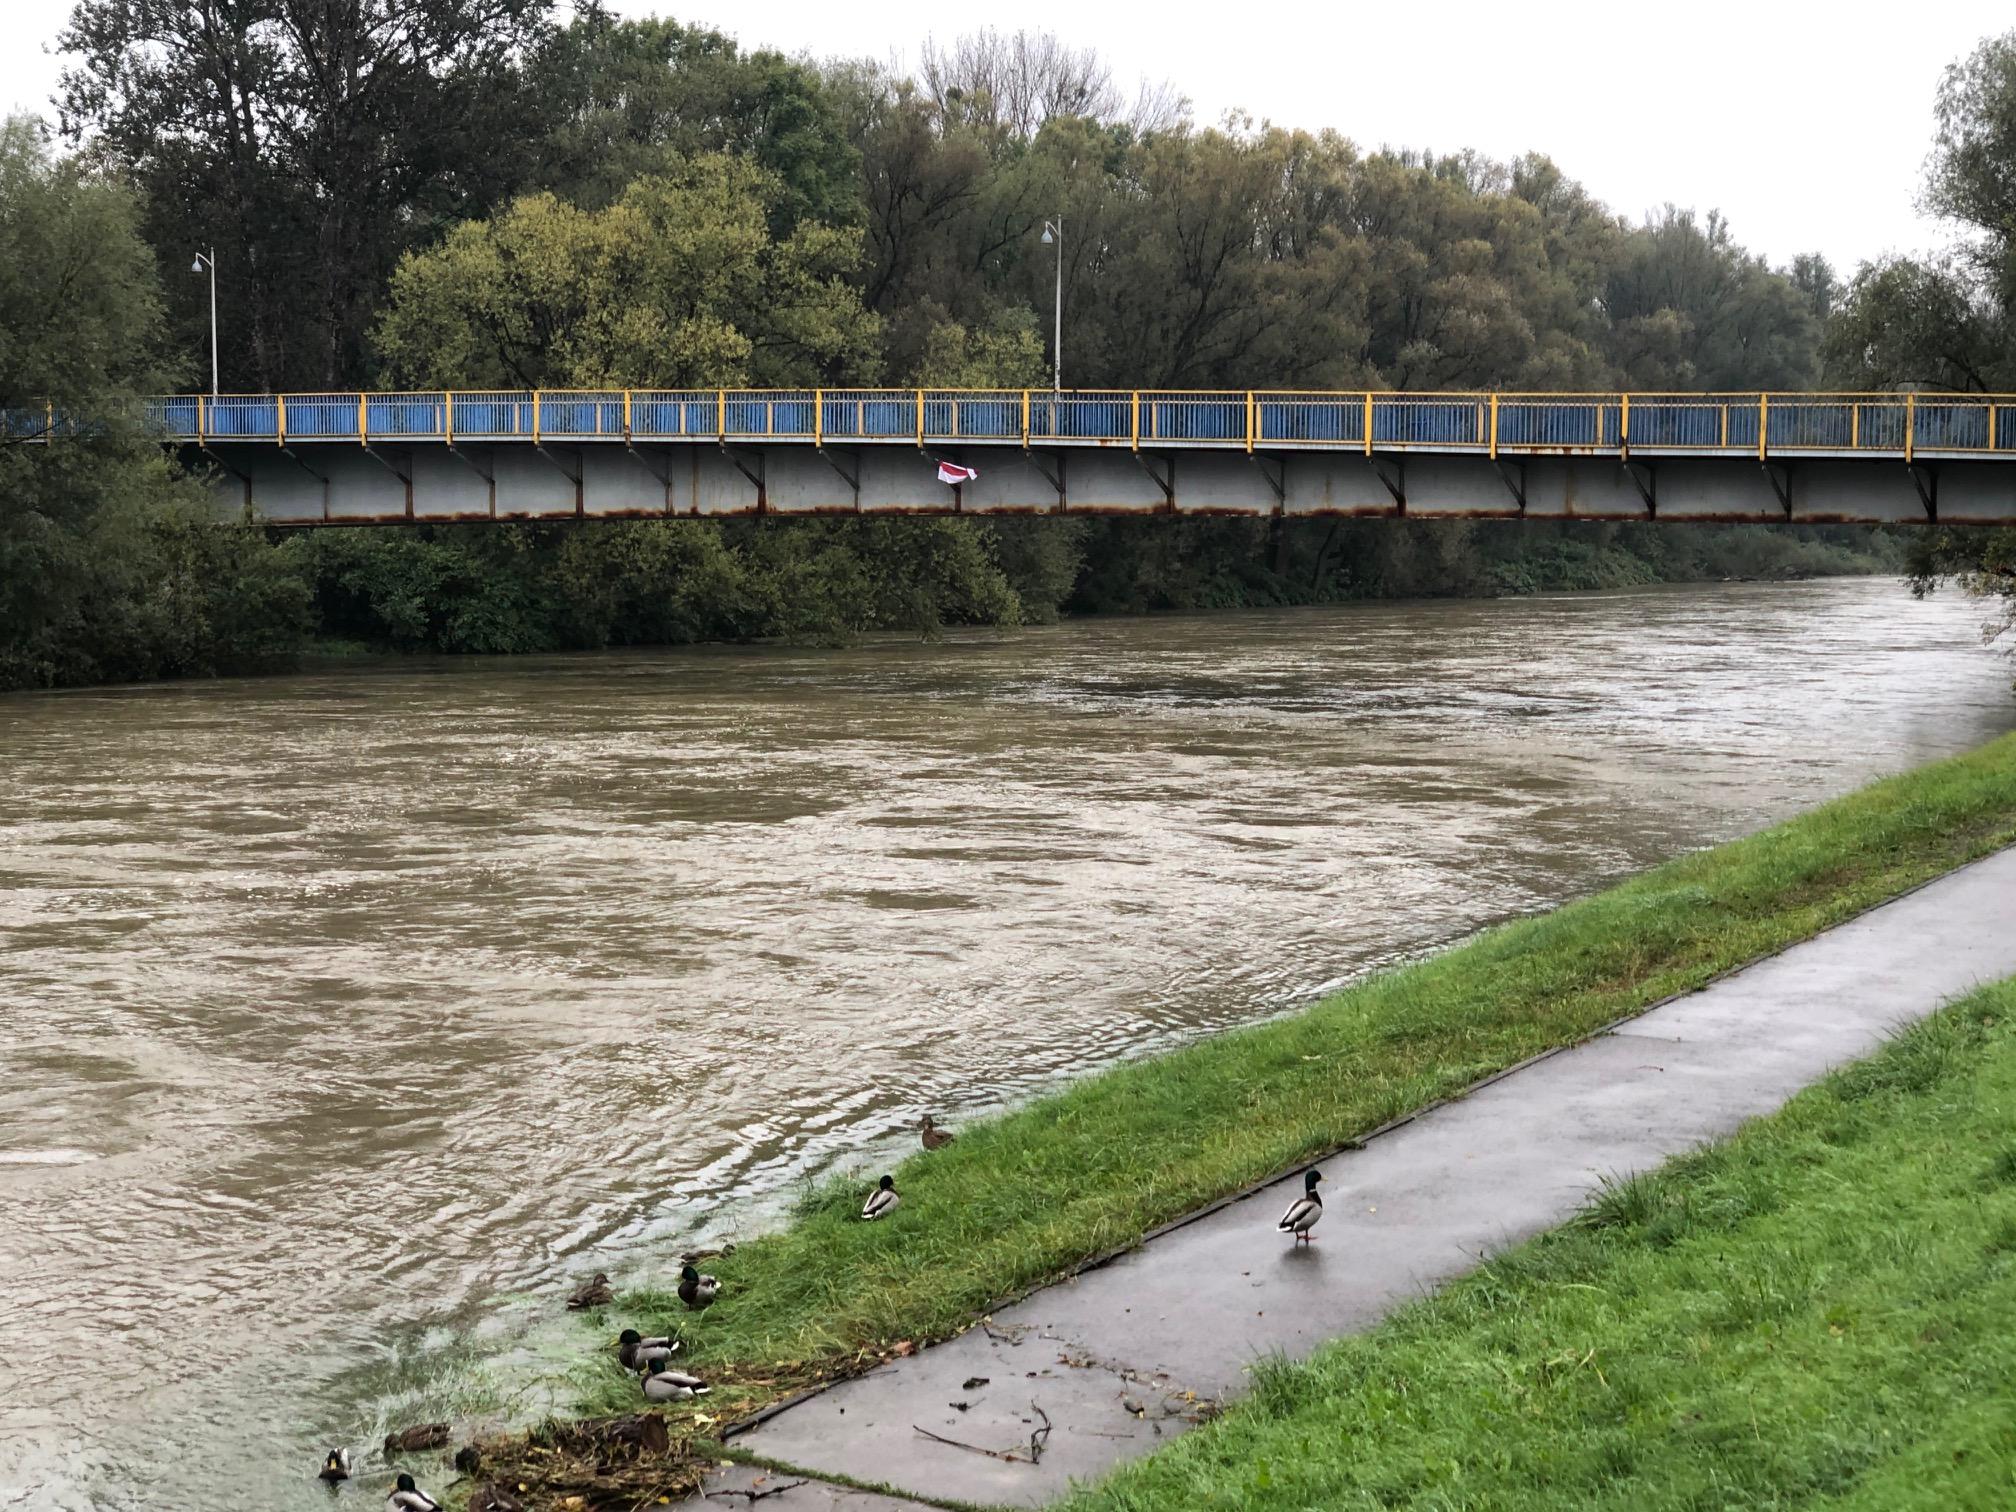 OŚWIĘCIM. W stolicy powiatu oświęcimskiego obowiązuje alarm powodziowy